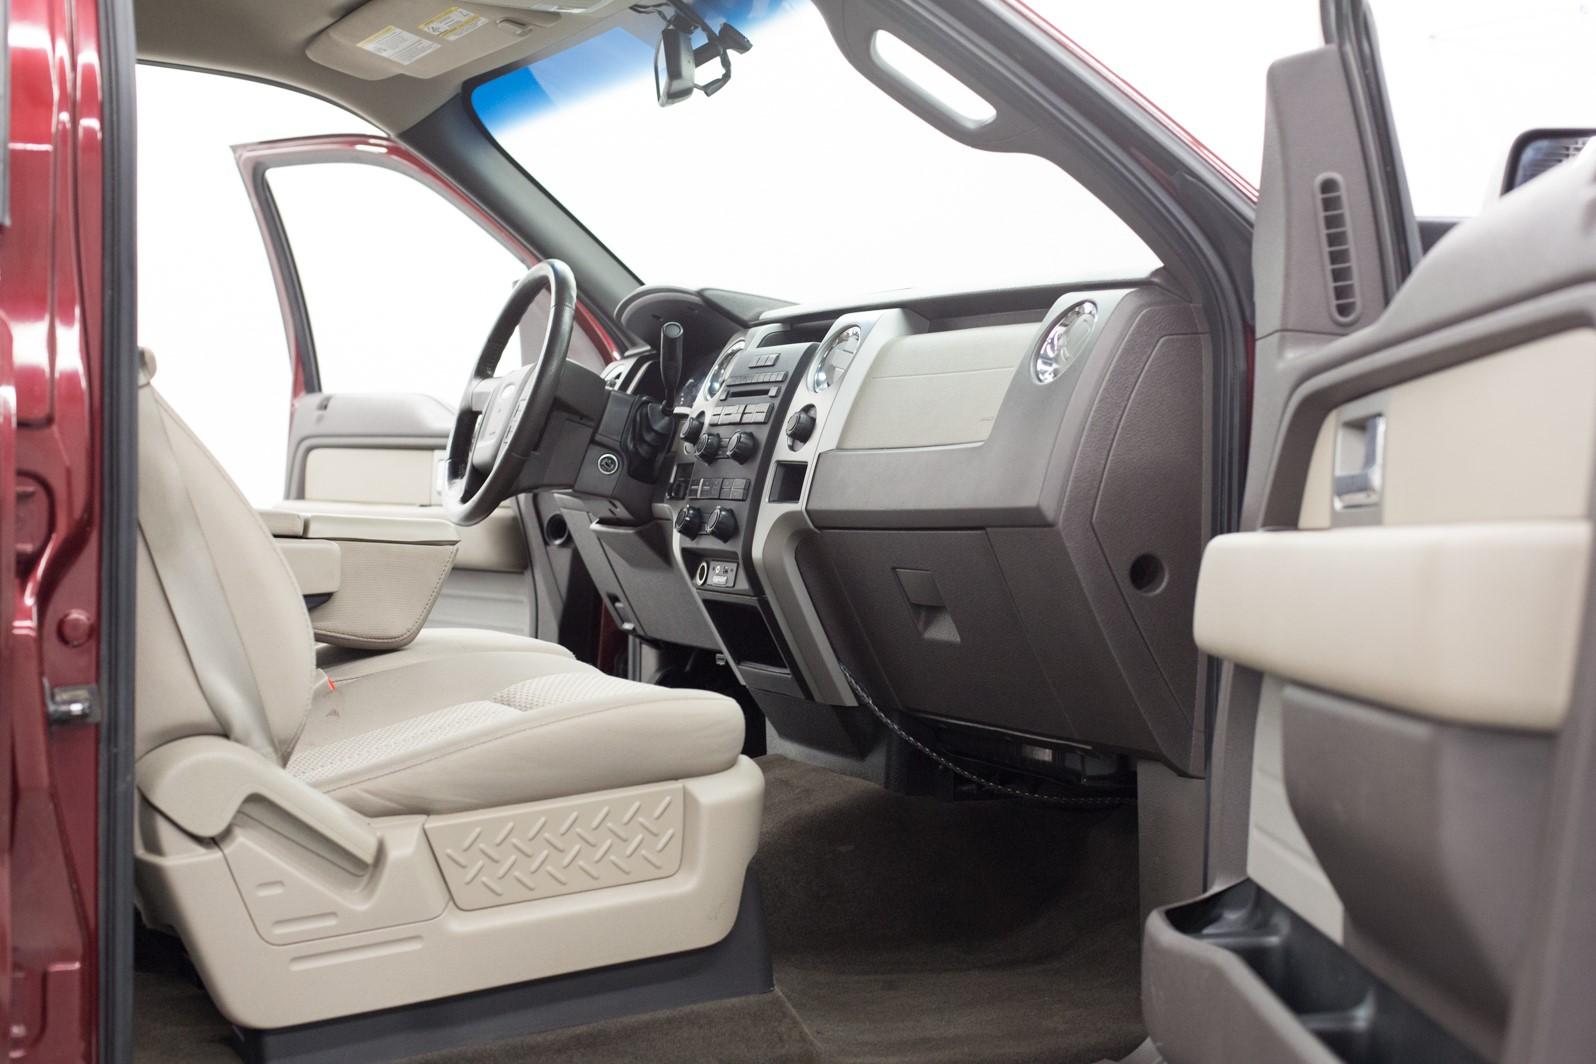 2010 Ford F150 XLT full